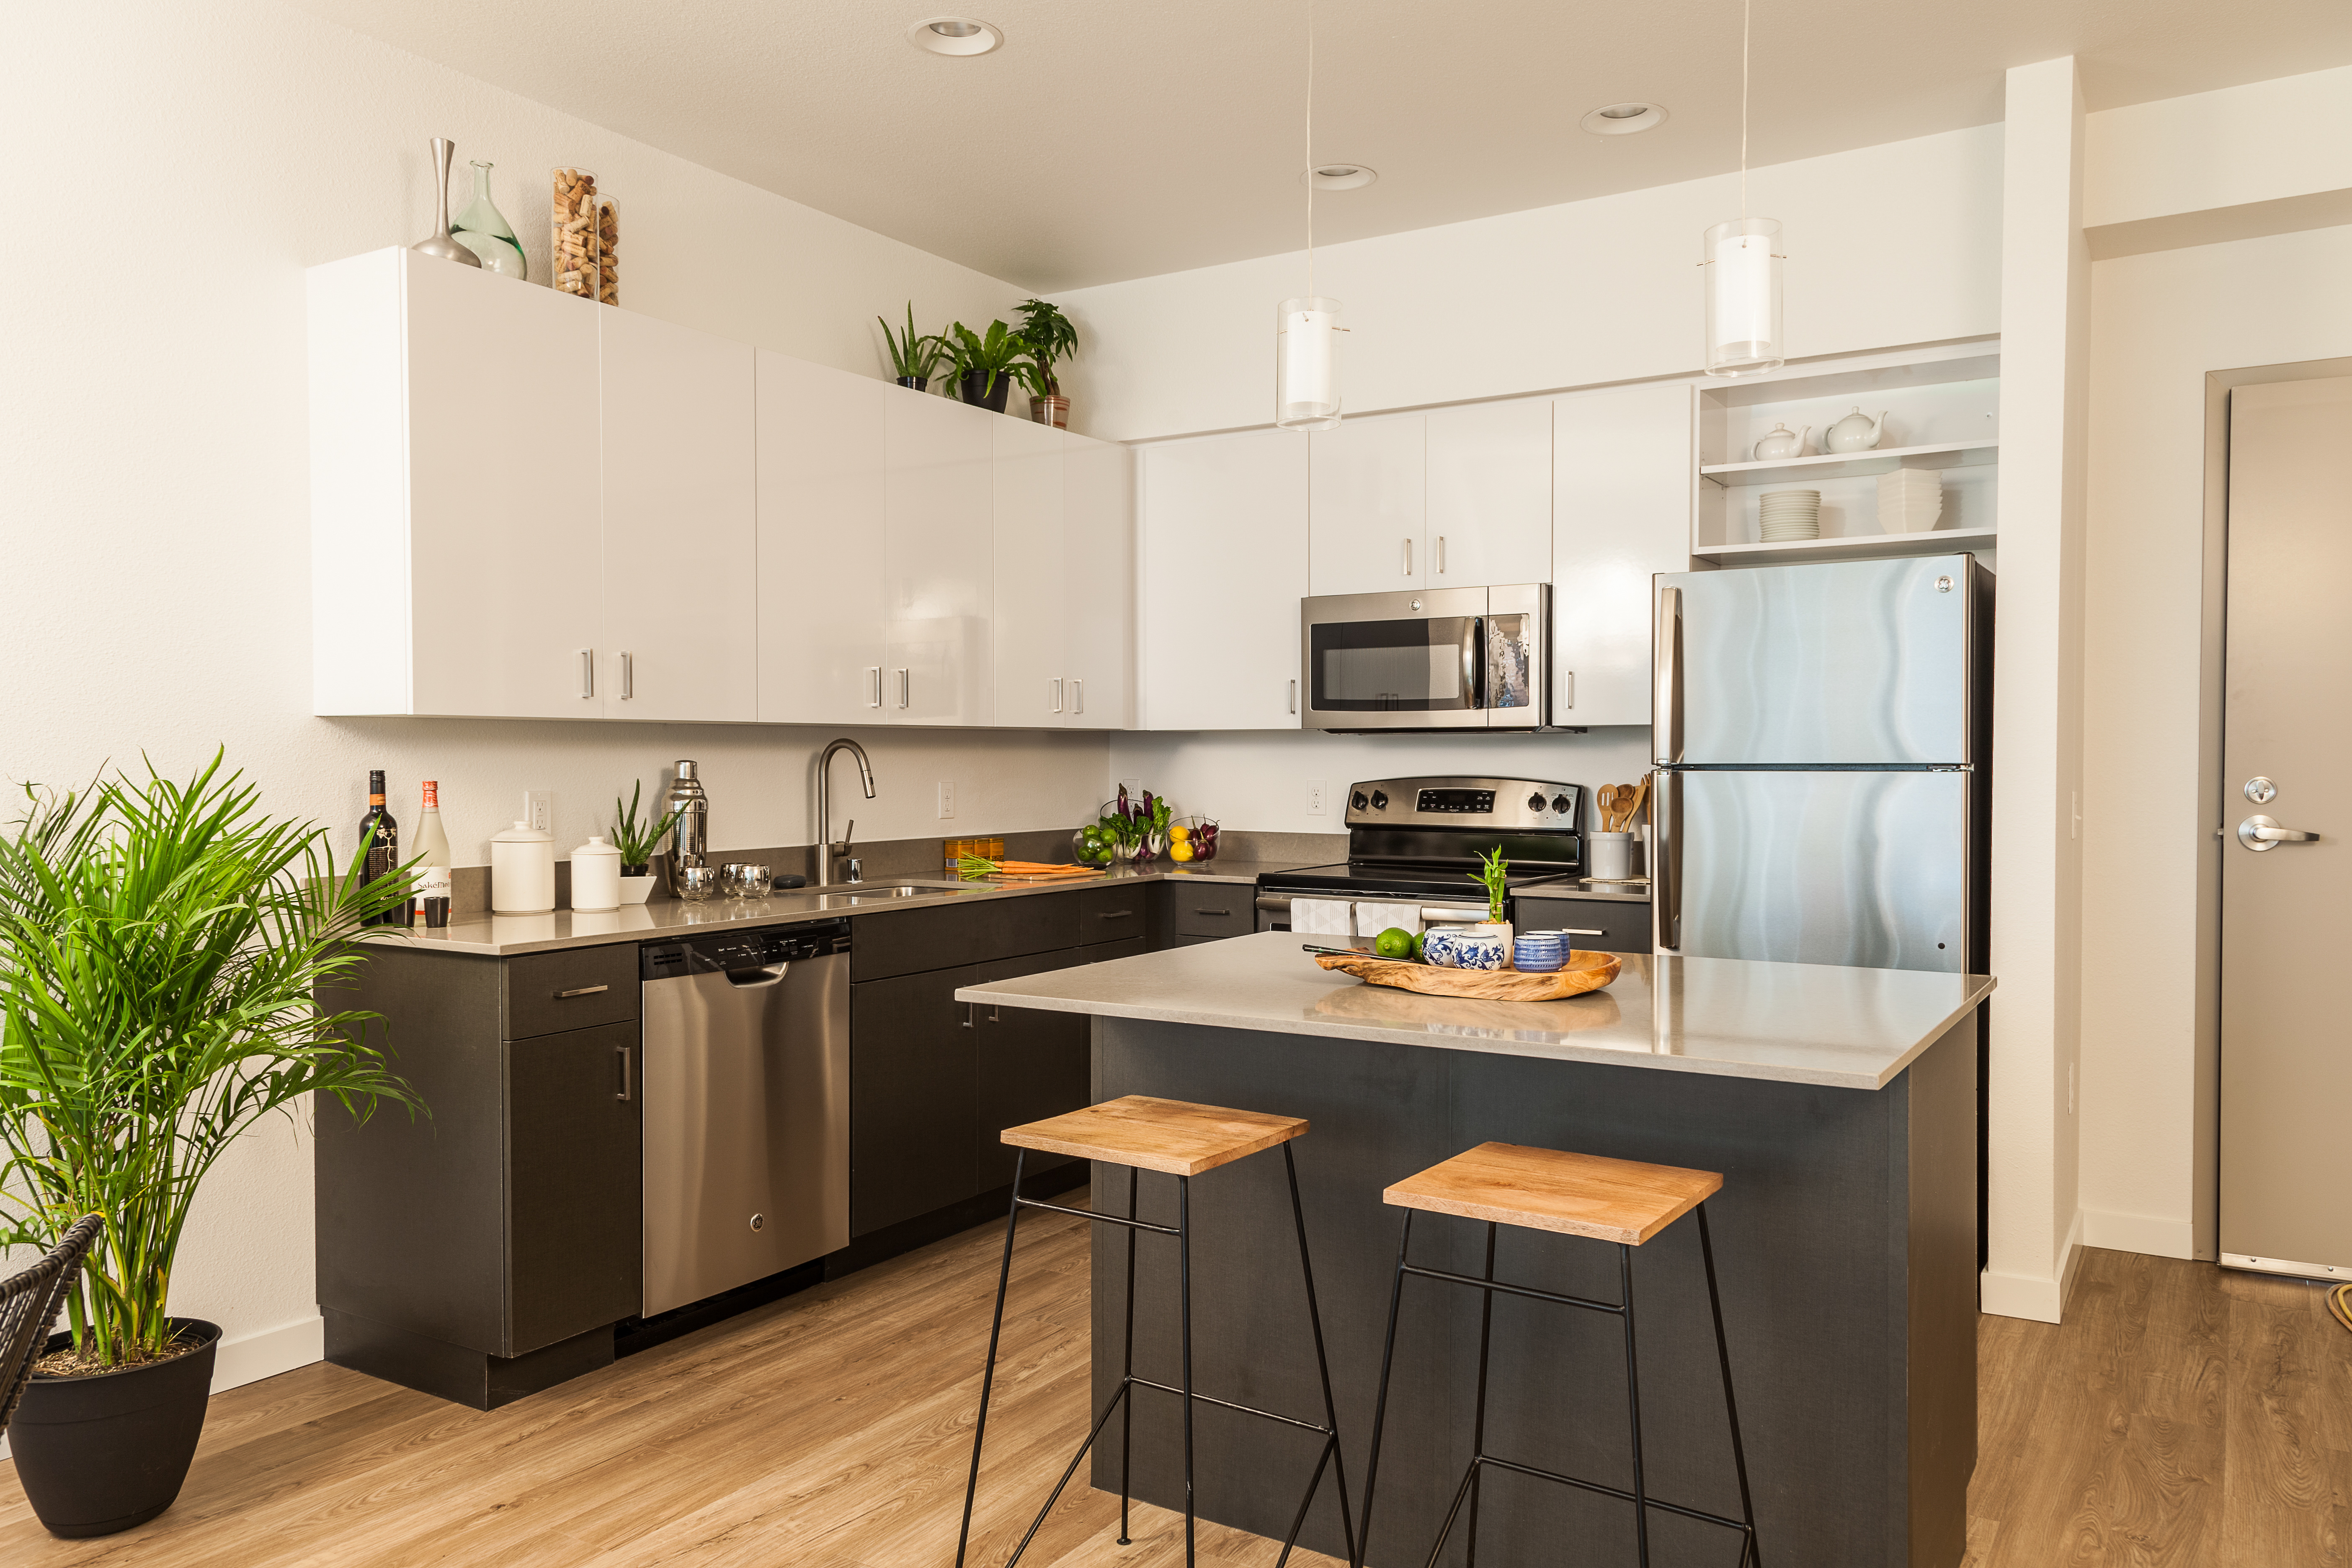 kitchen_convinces